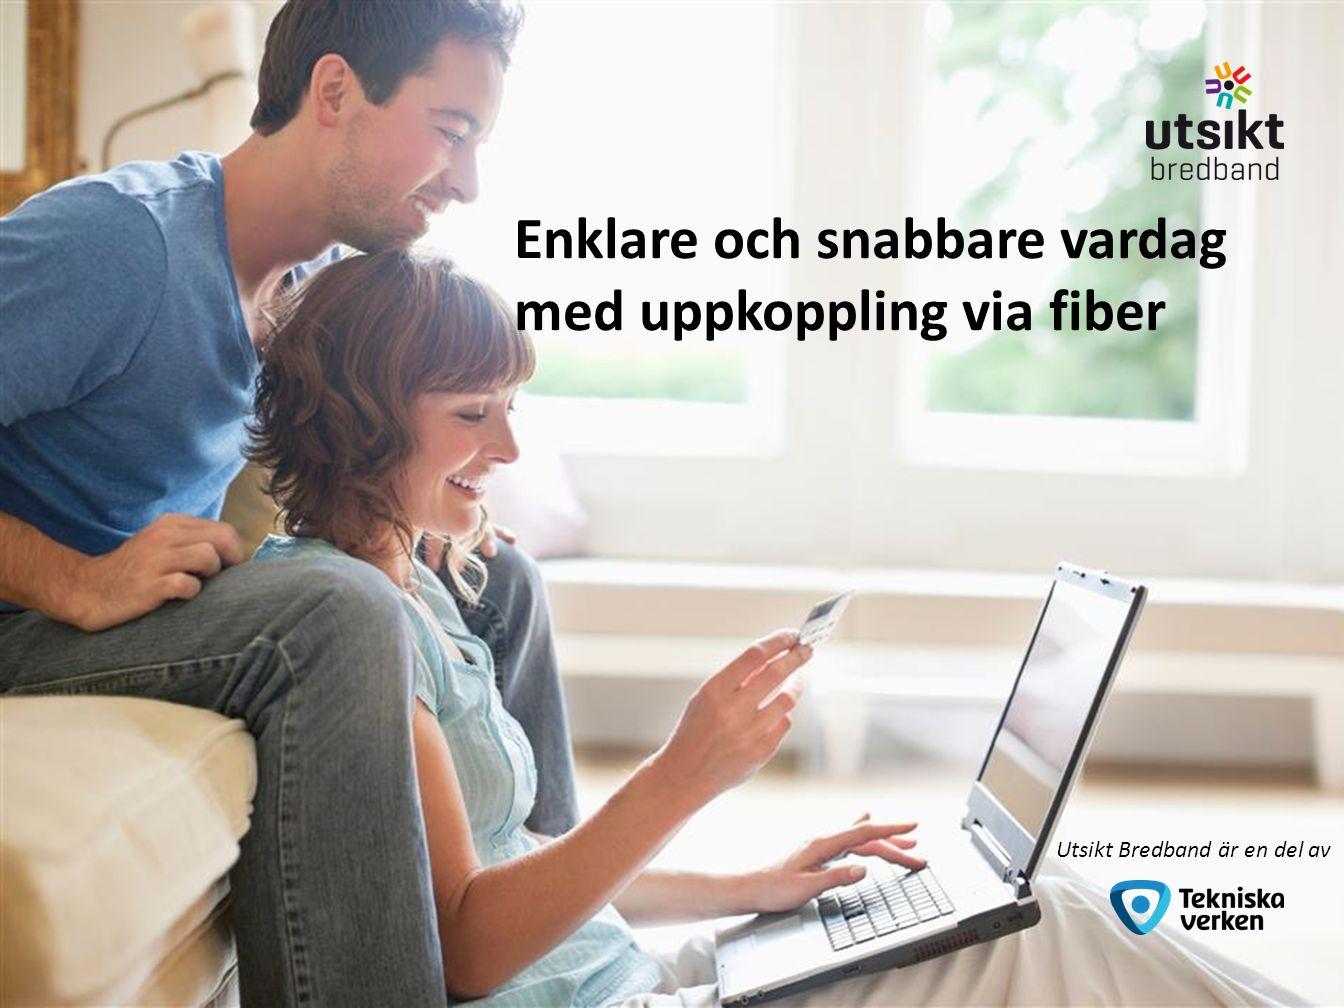 Enklare och snabbare vardag med uppkoppling via fiber Utsikt Bredband är en del av